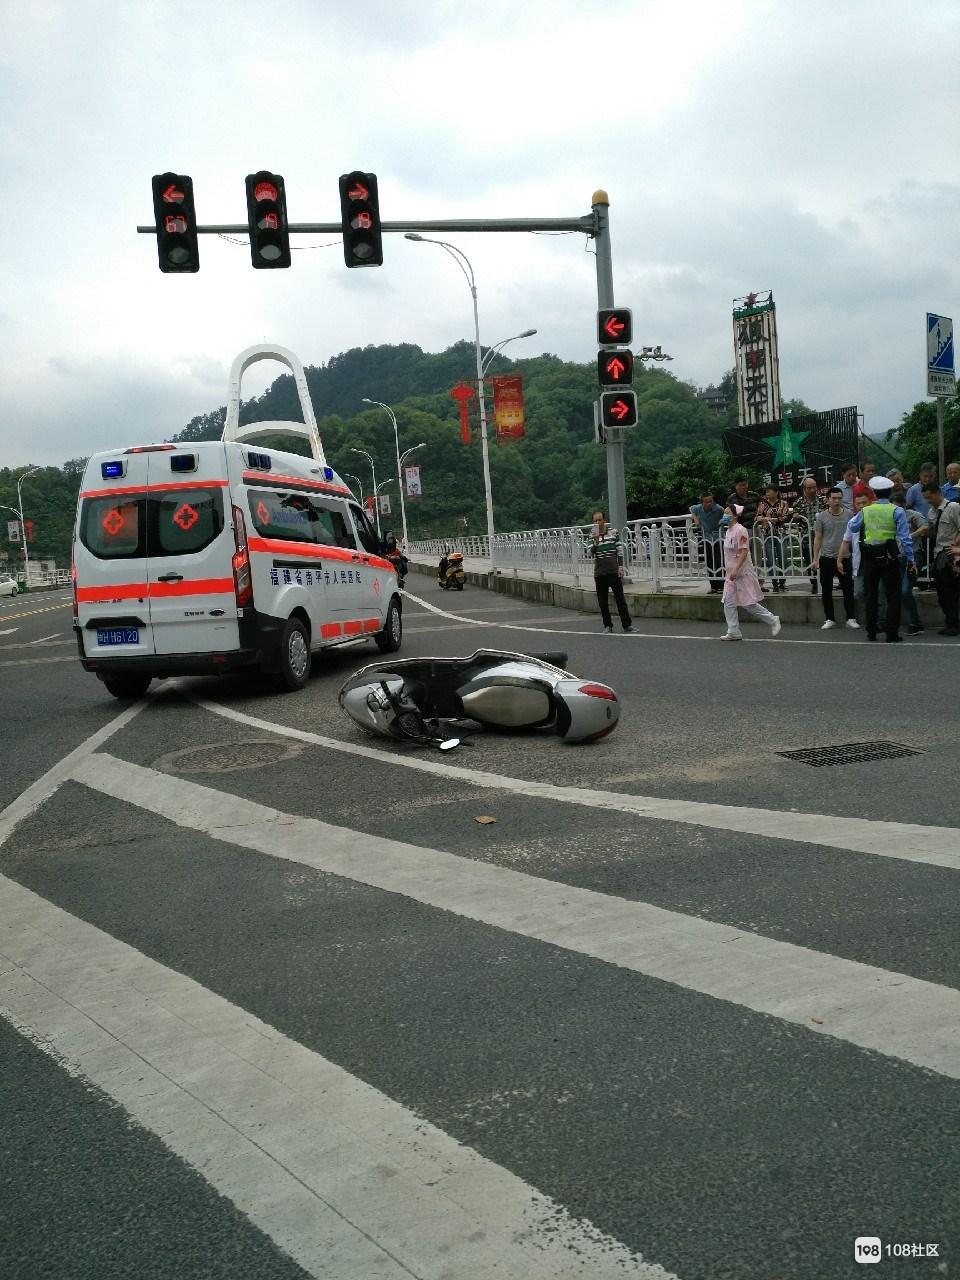 延平第一事故高发地!司机多处受伤,护士小姐姐已到